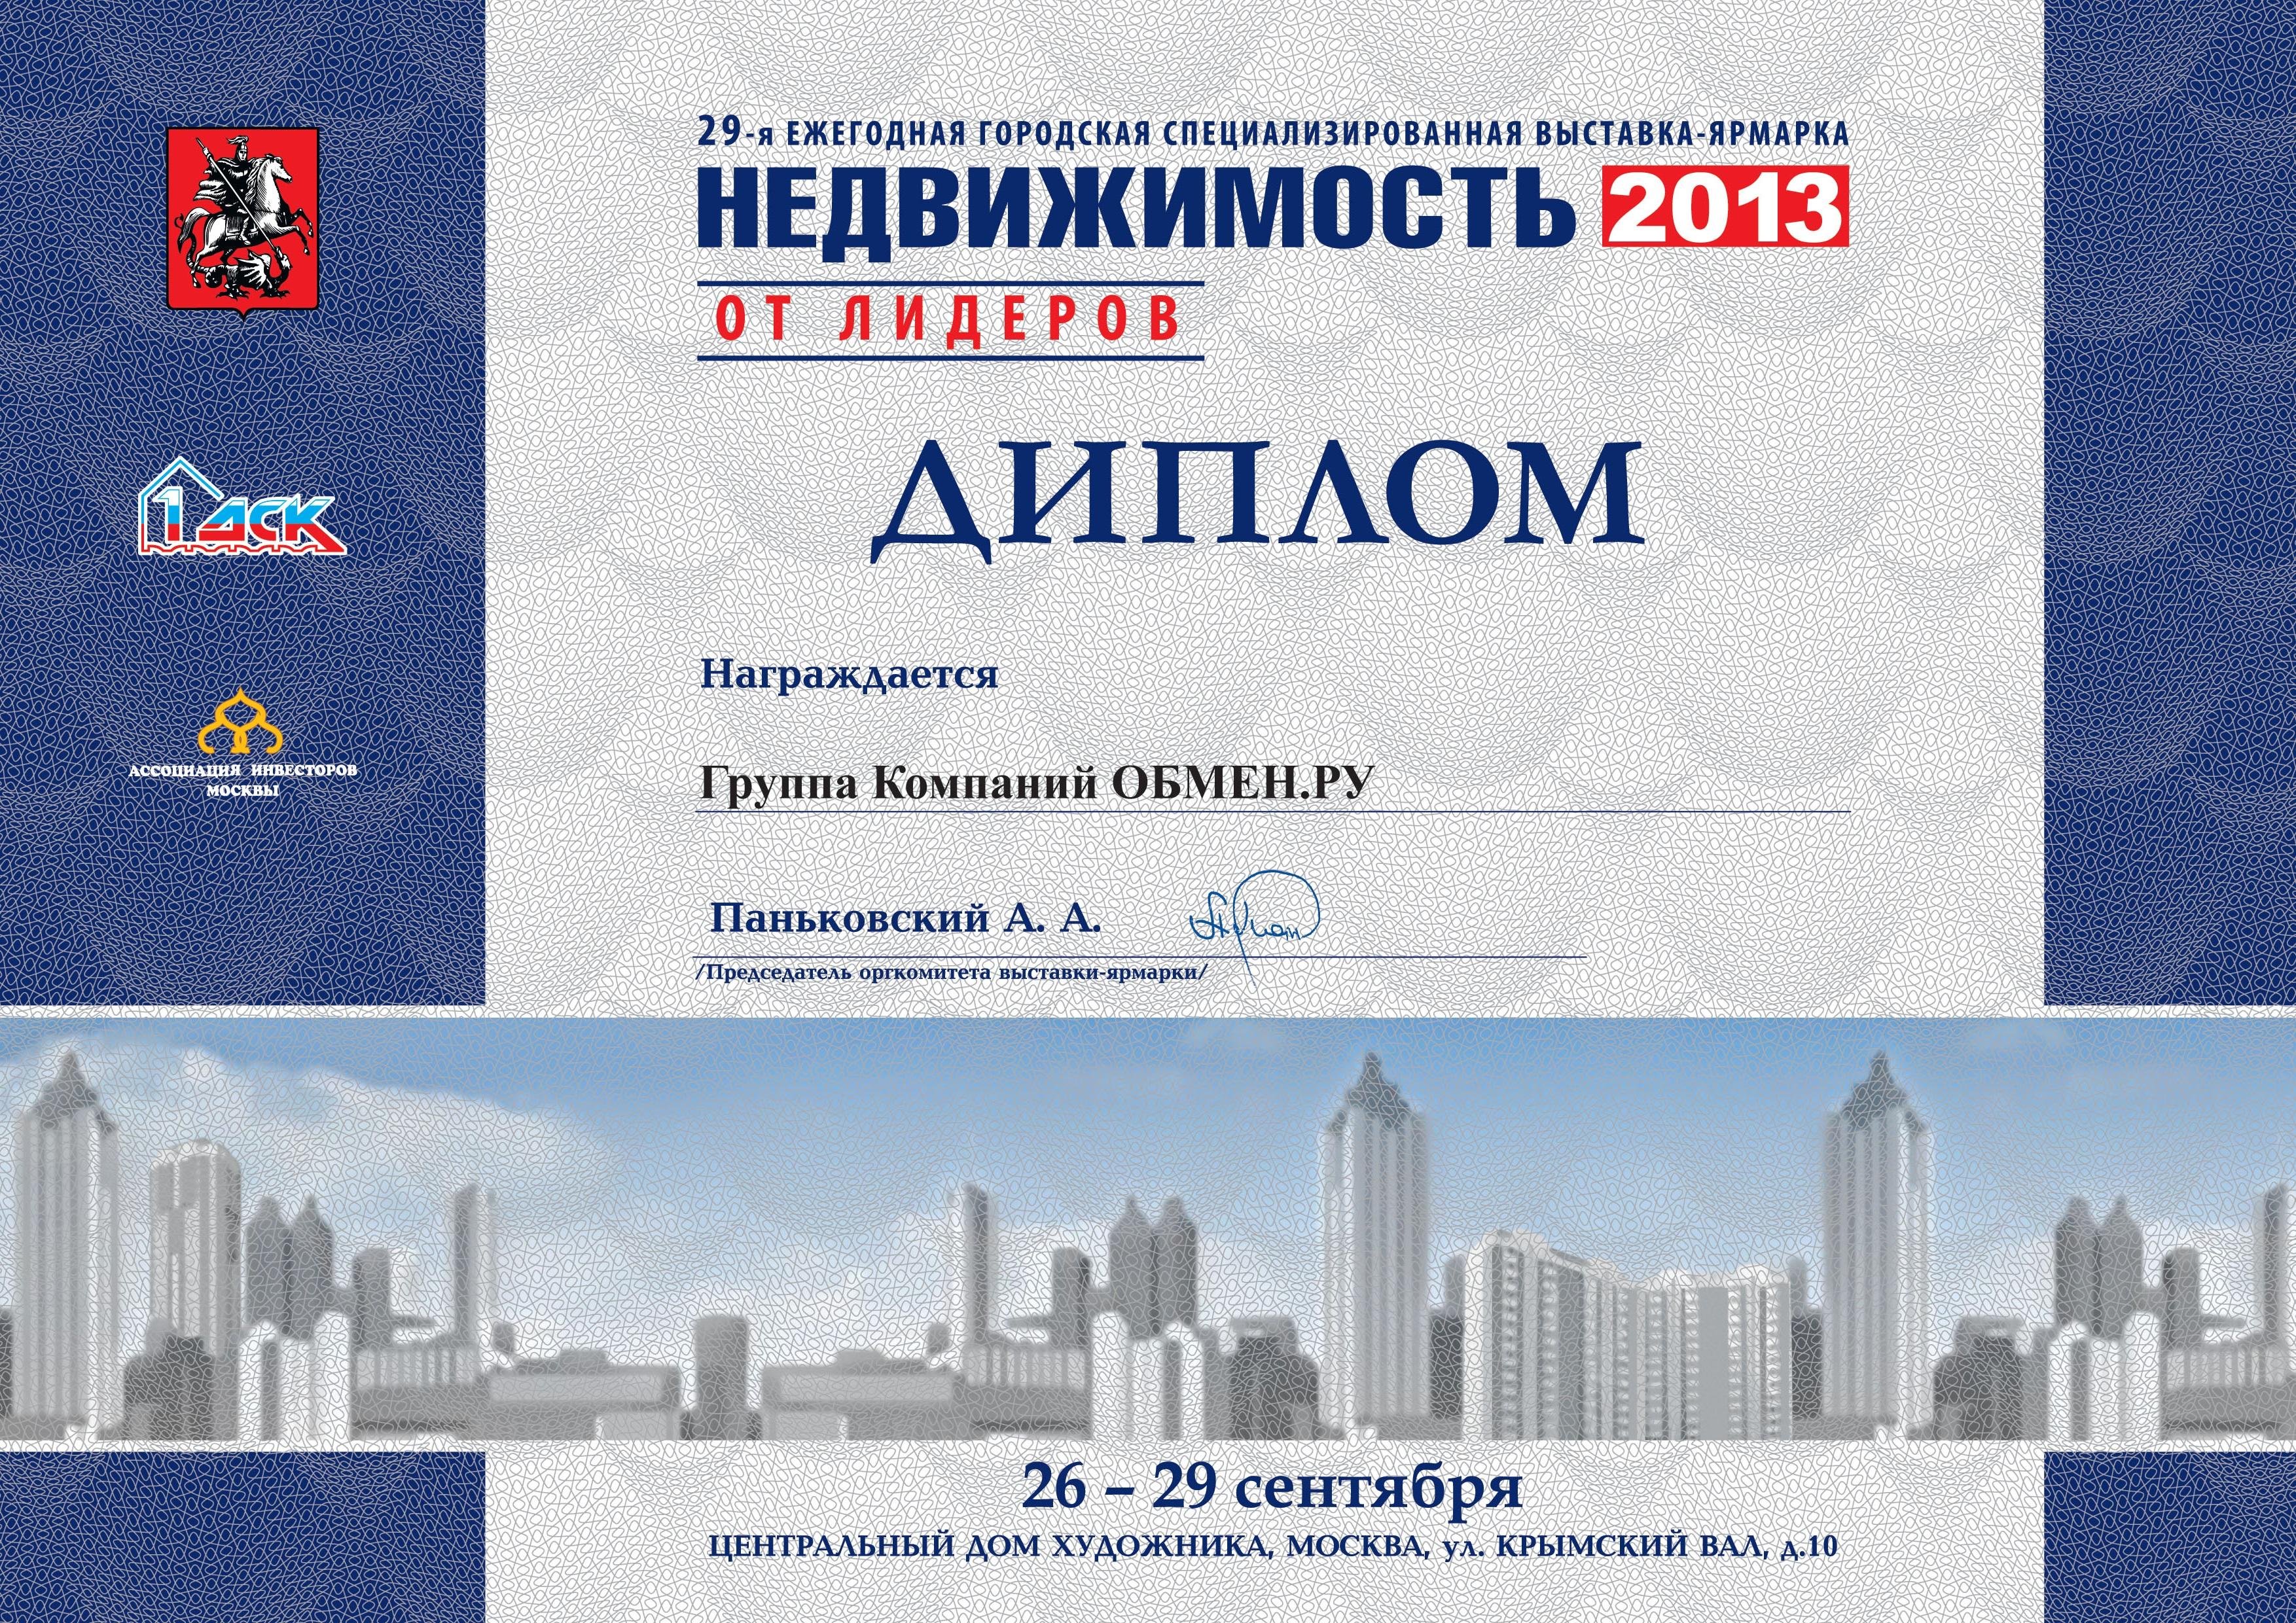 Группа Компаний ОБМЕН РУ получила диплом за участие в выставке  РУ получила диплом за участие в выставке Недвижимость 2013